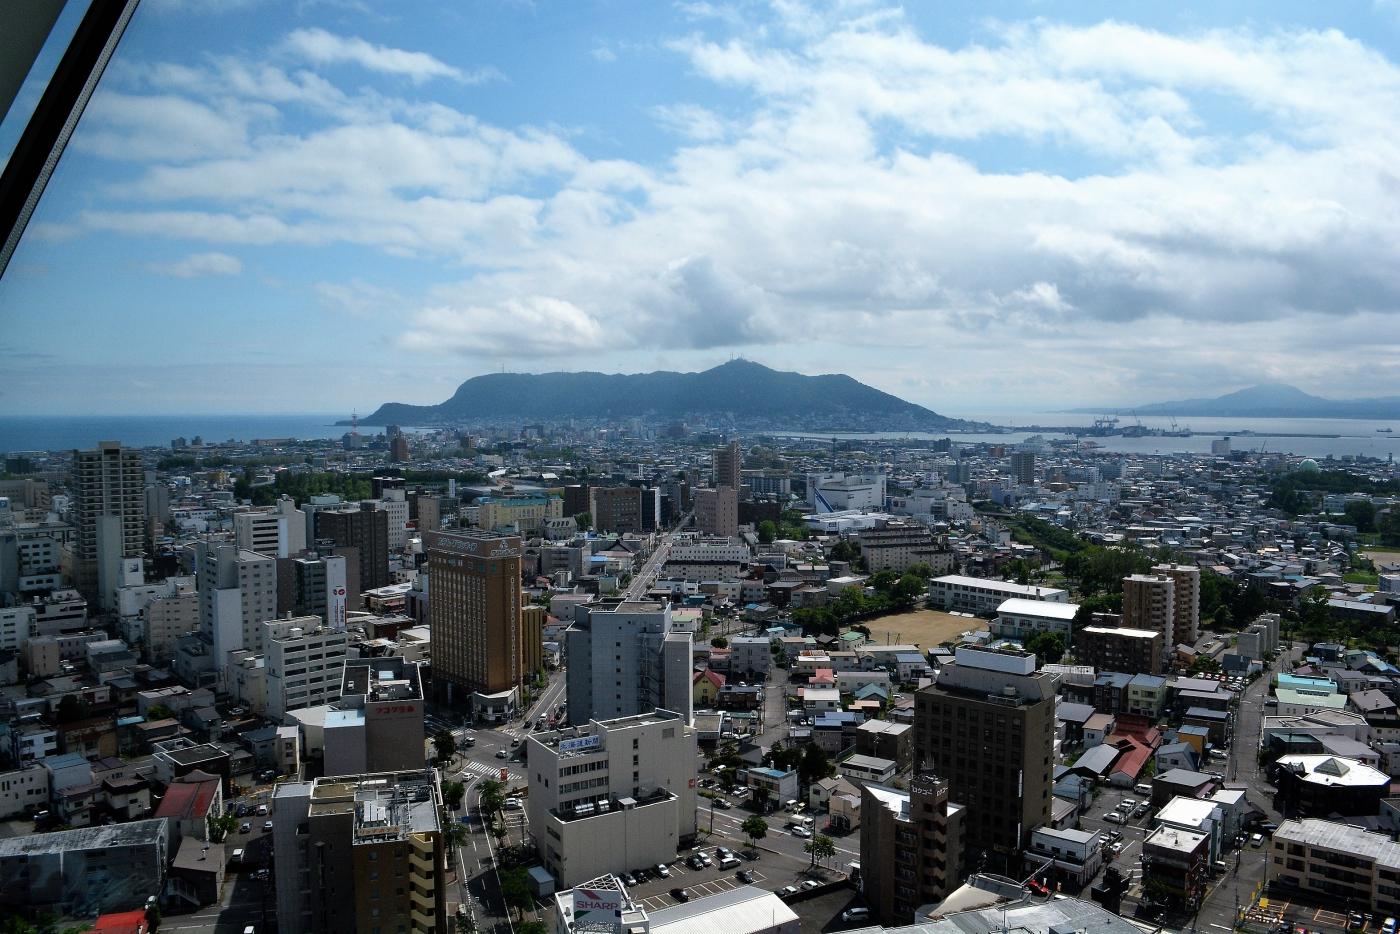 北海道自驾游 - 函馆色篇_图1-12